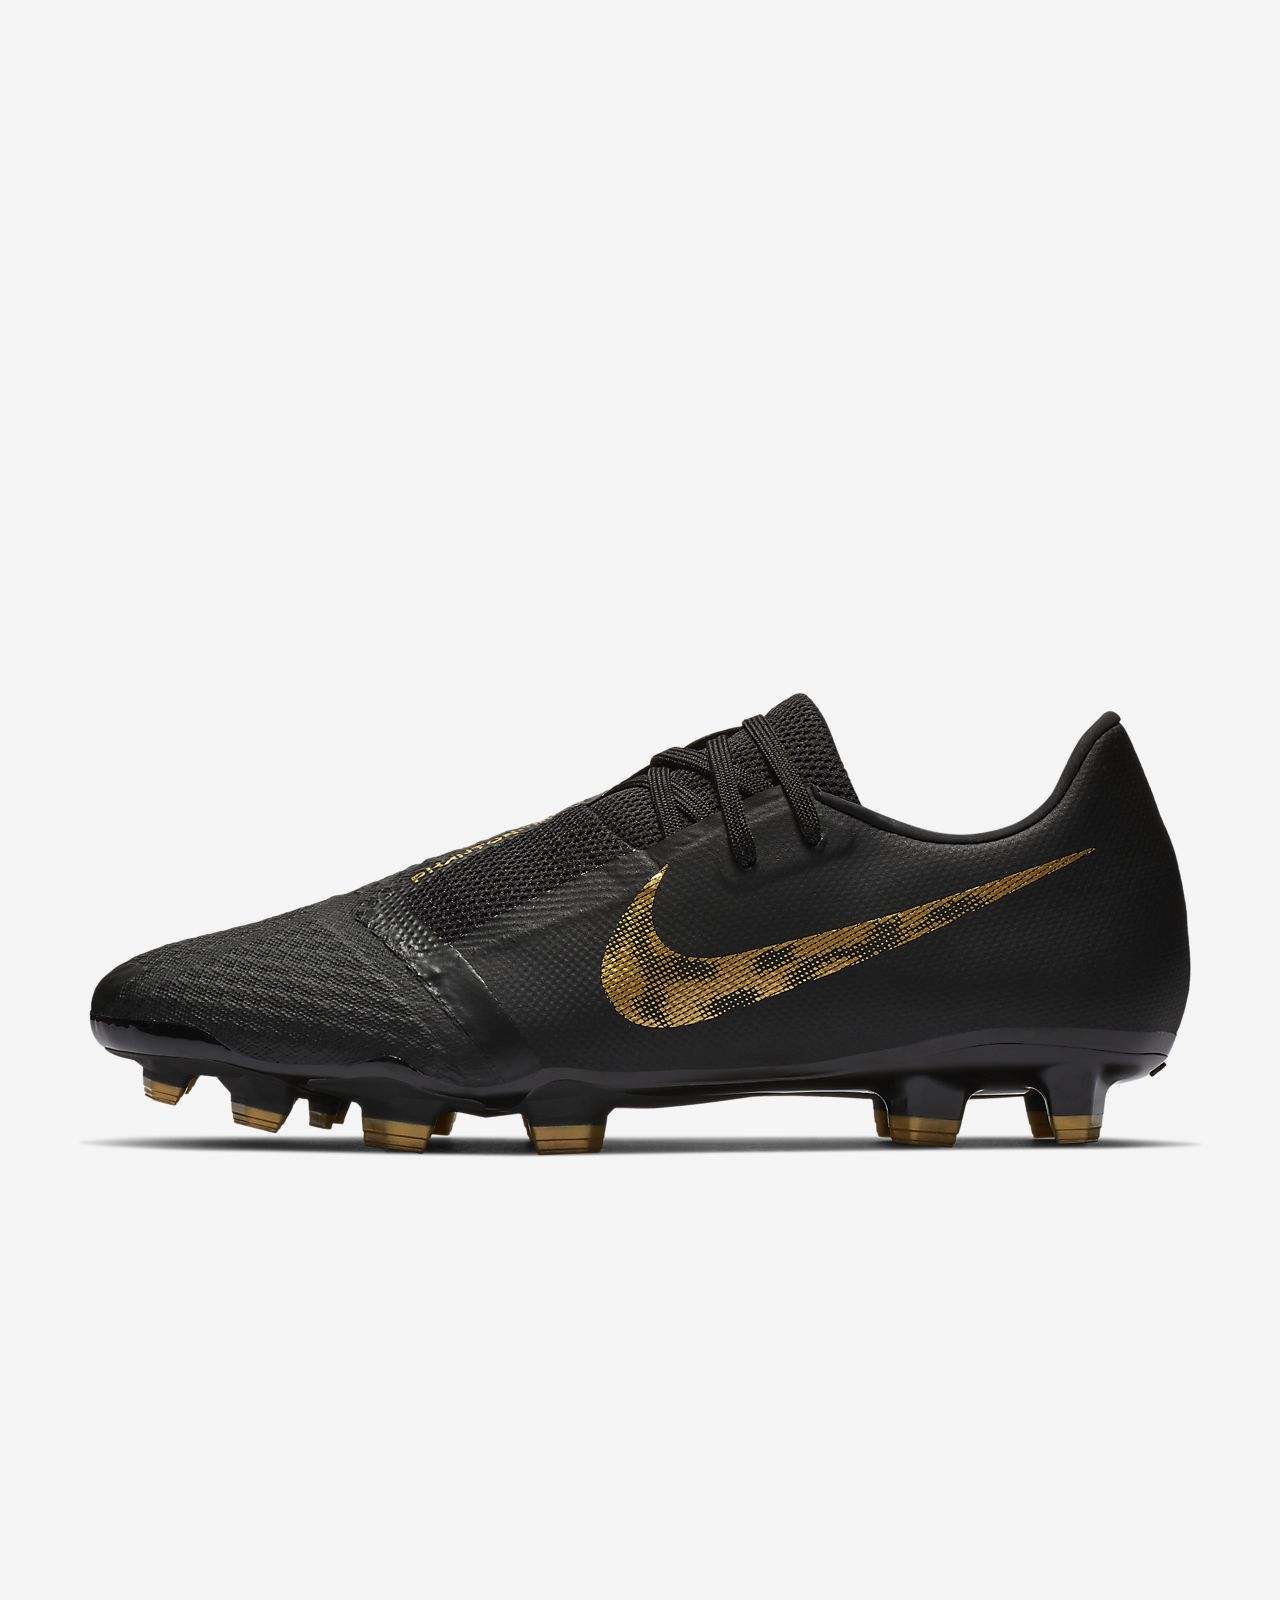 Chaussure de football à crampons pour terrain sec Nike PhantomVNM Academy FG Game Over